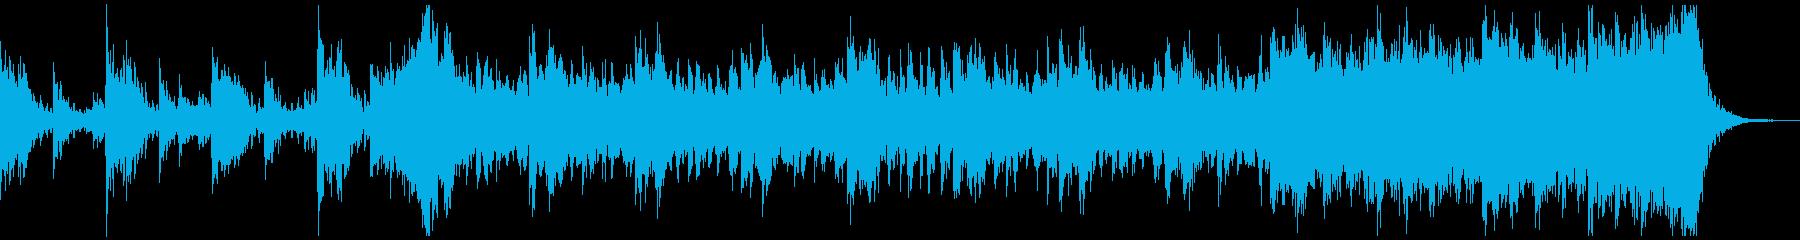 危機的状況をイメージしたトレイラー音楽の再生済みの波形